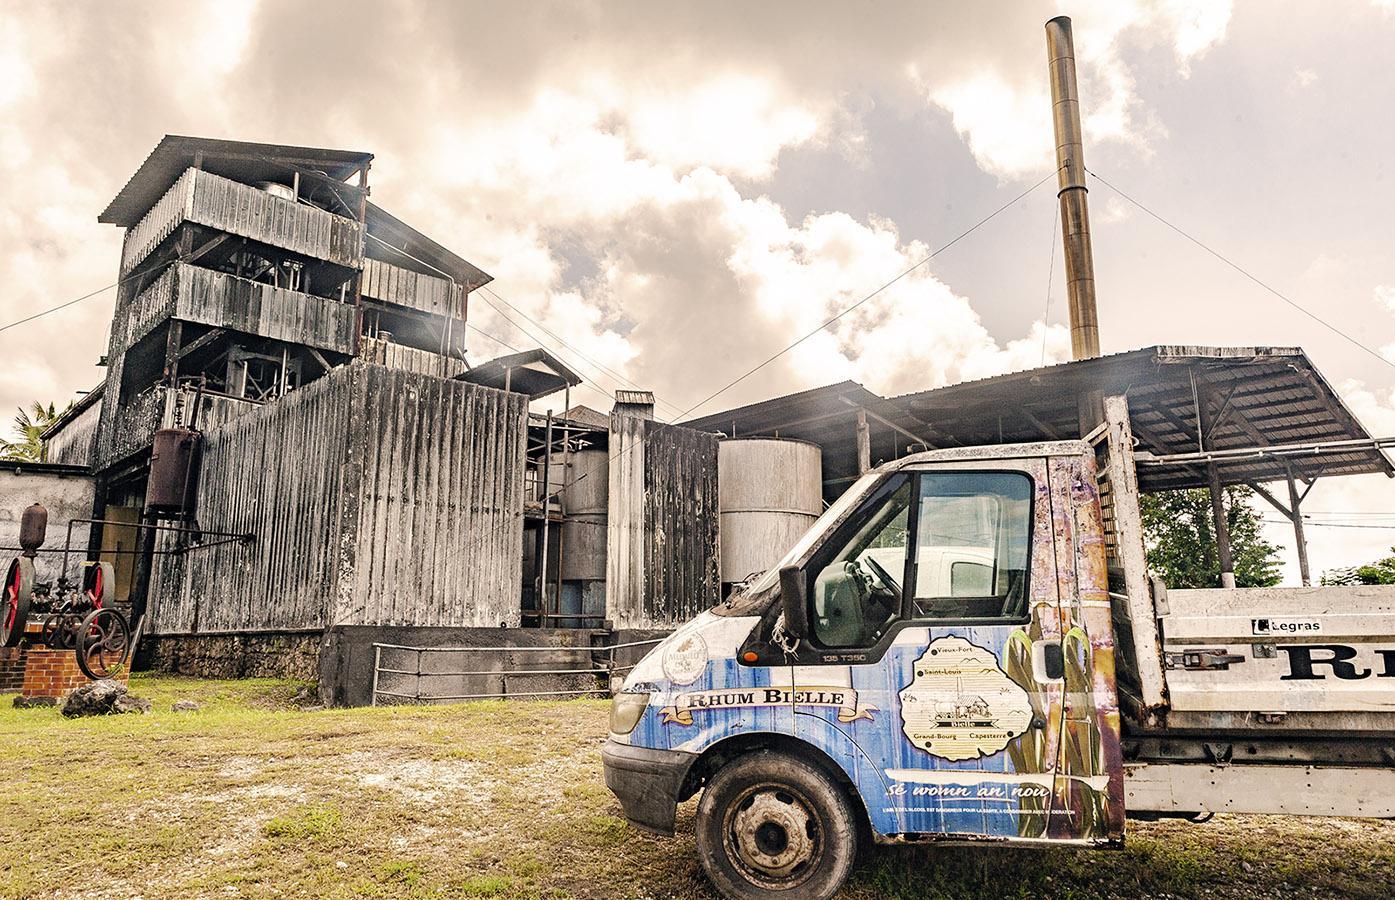 Marie-Galante: Rhum Bielle, eine der drei großen, alten Rumbrennereien der Insel. Foto: Hilke Maunder